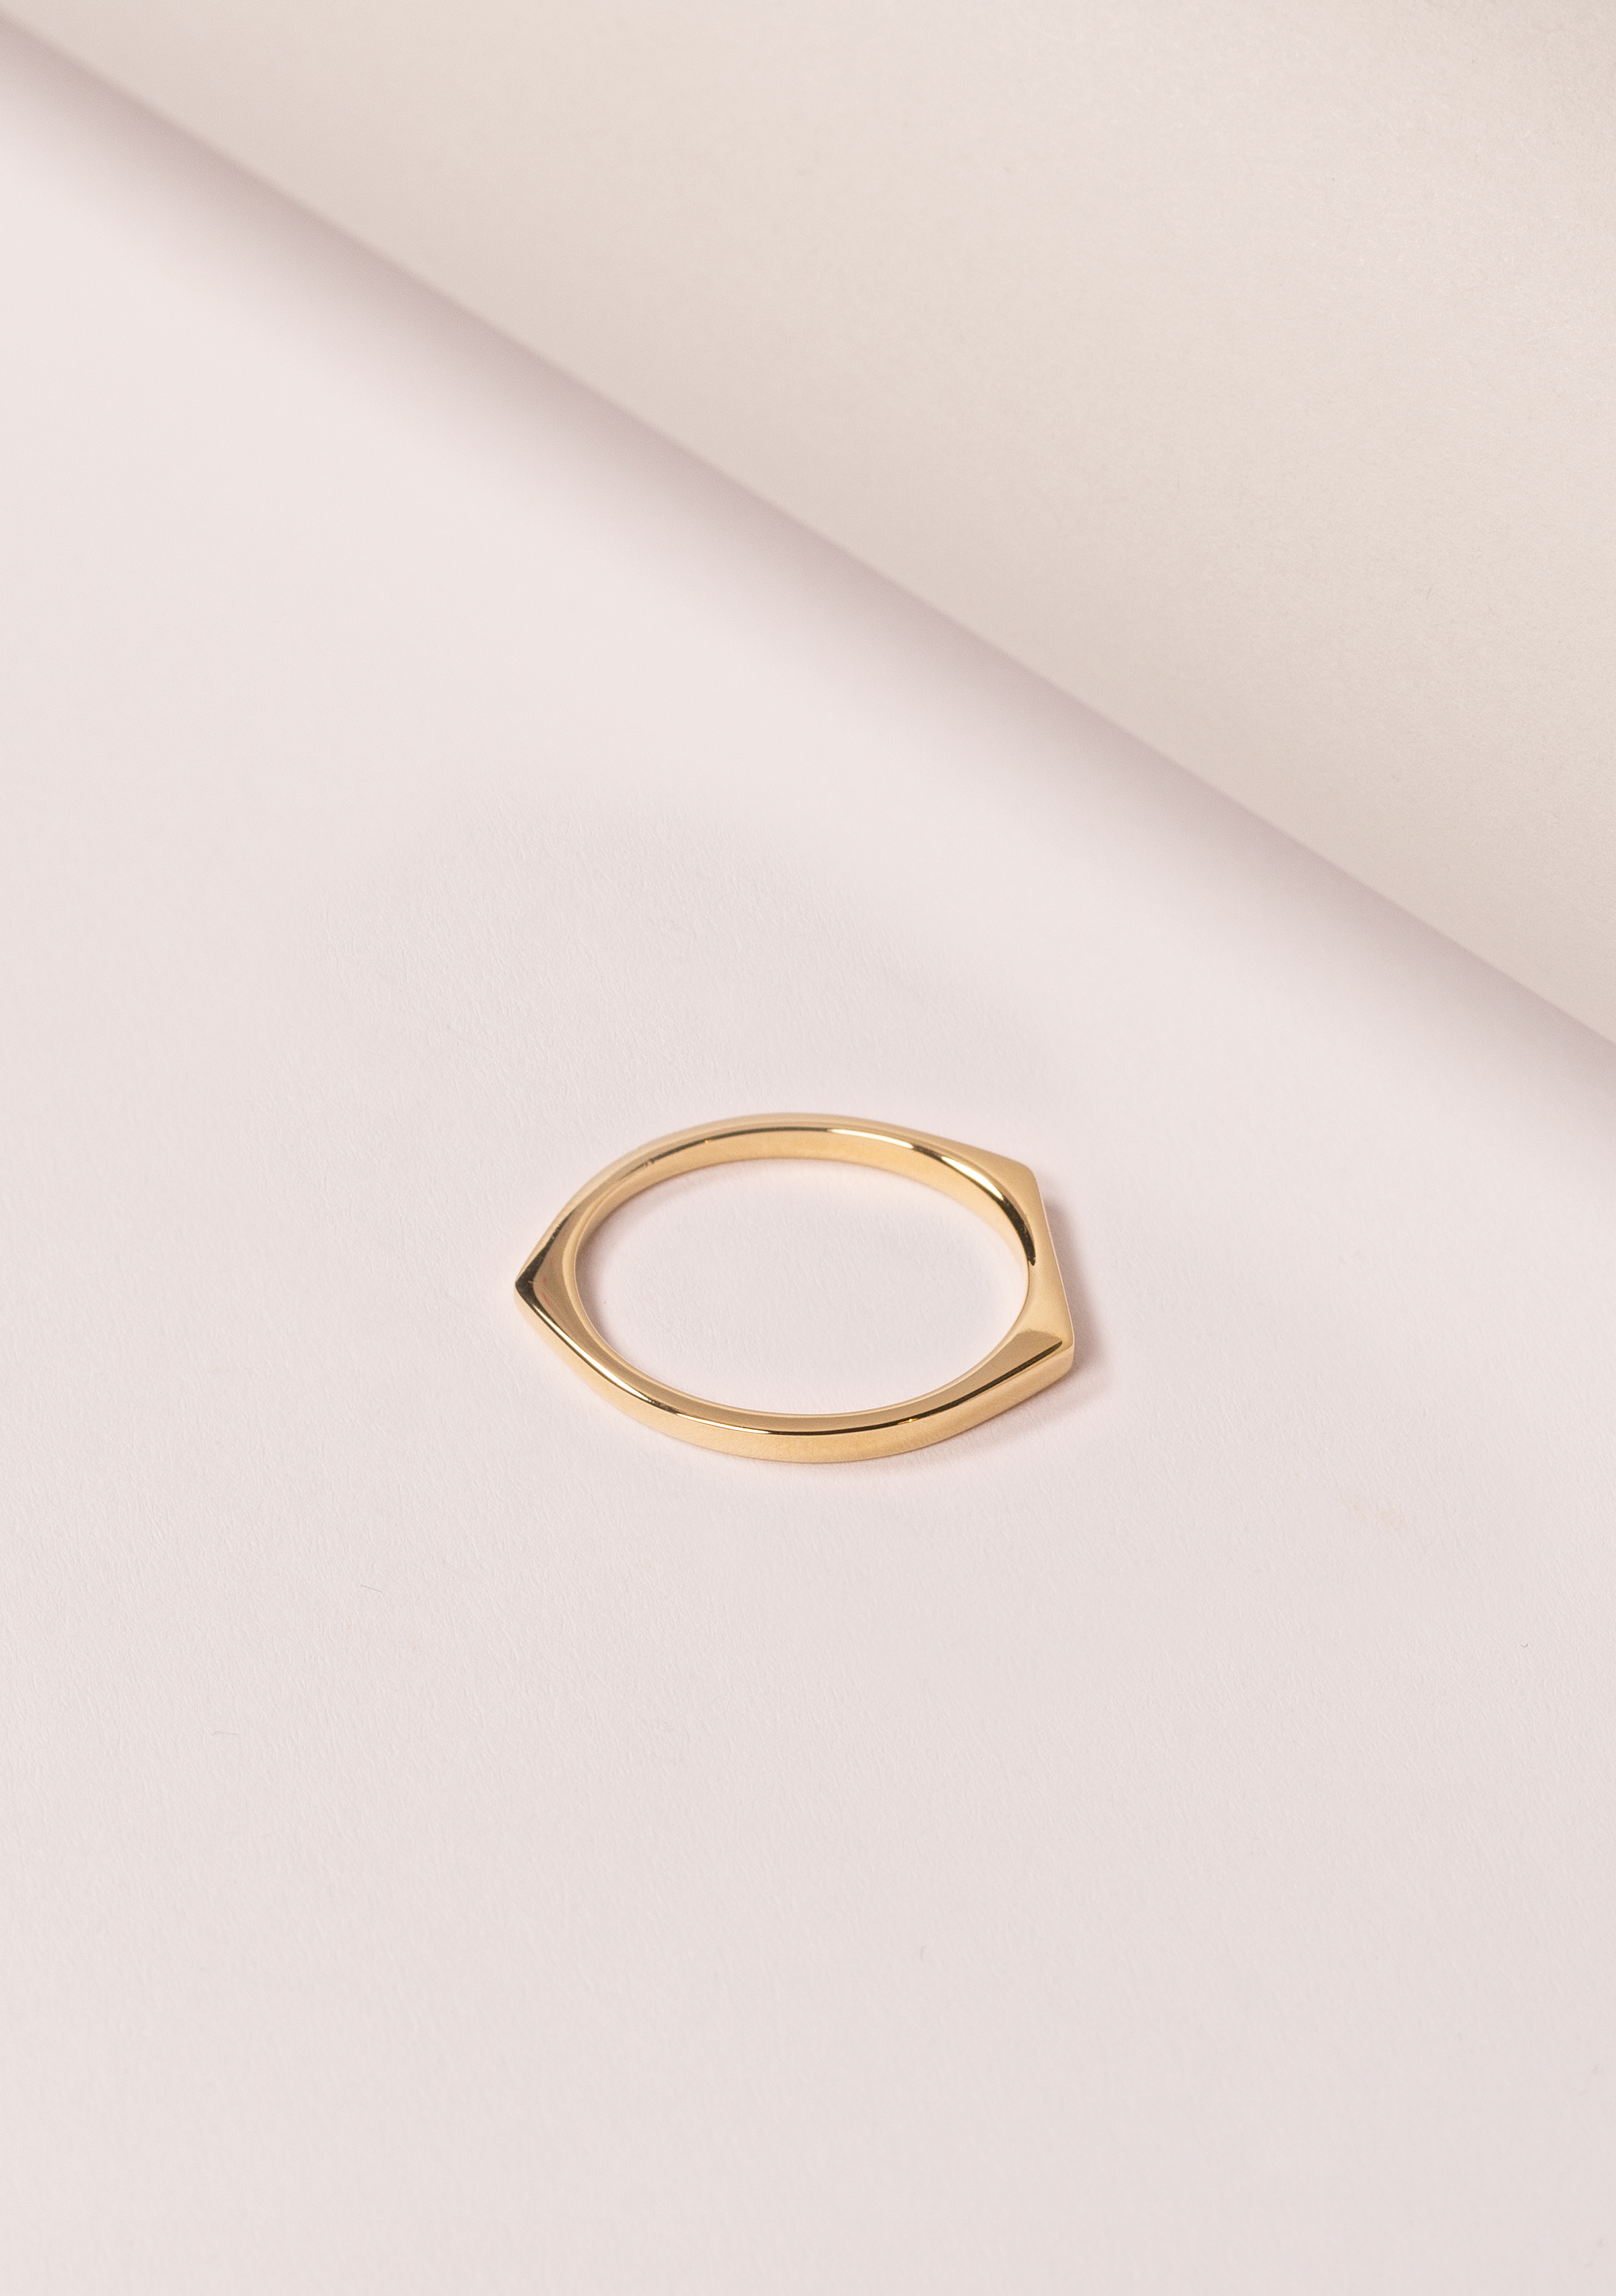 Matthew Calvin Alt Ring, £50